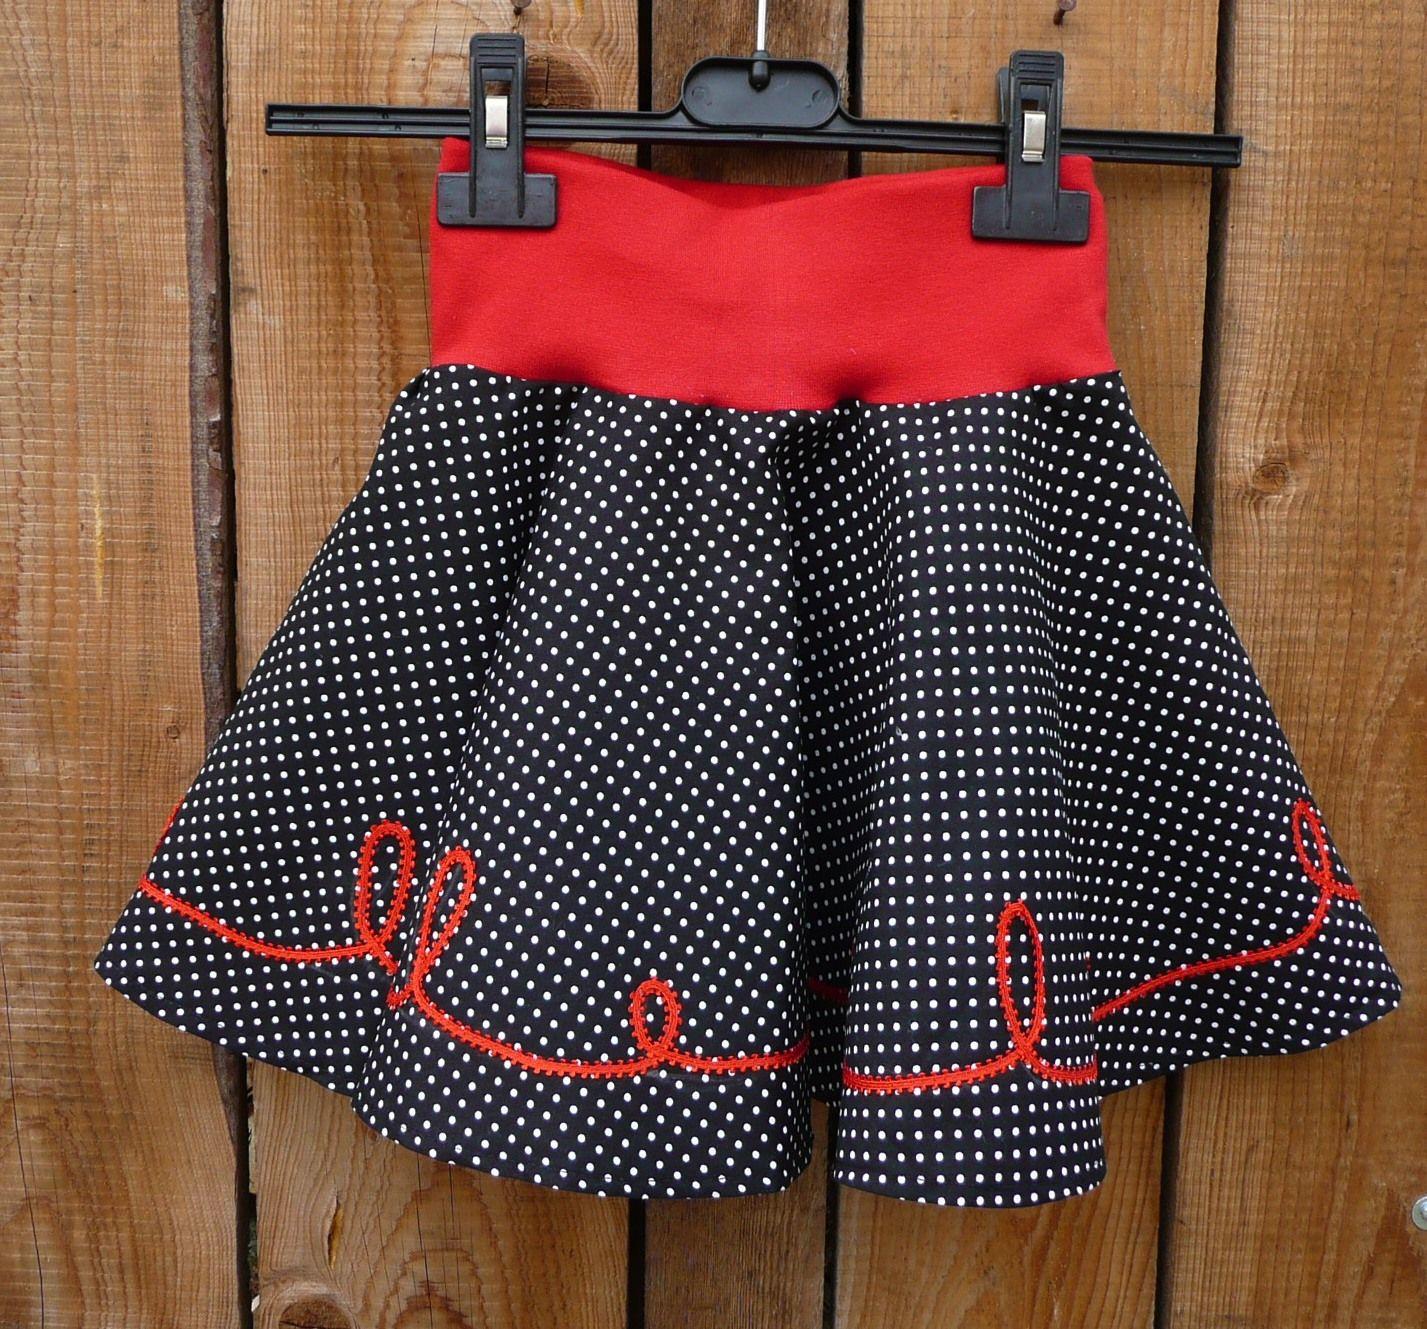 2a6ac7196a11 Dámská kolová - černý puntík Krásná dámská kolová sukně. Je ušitá z  bavlněné látky.